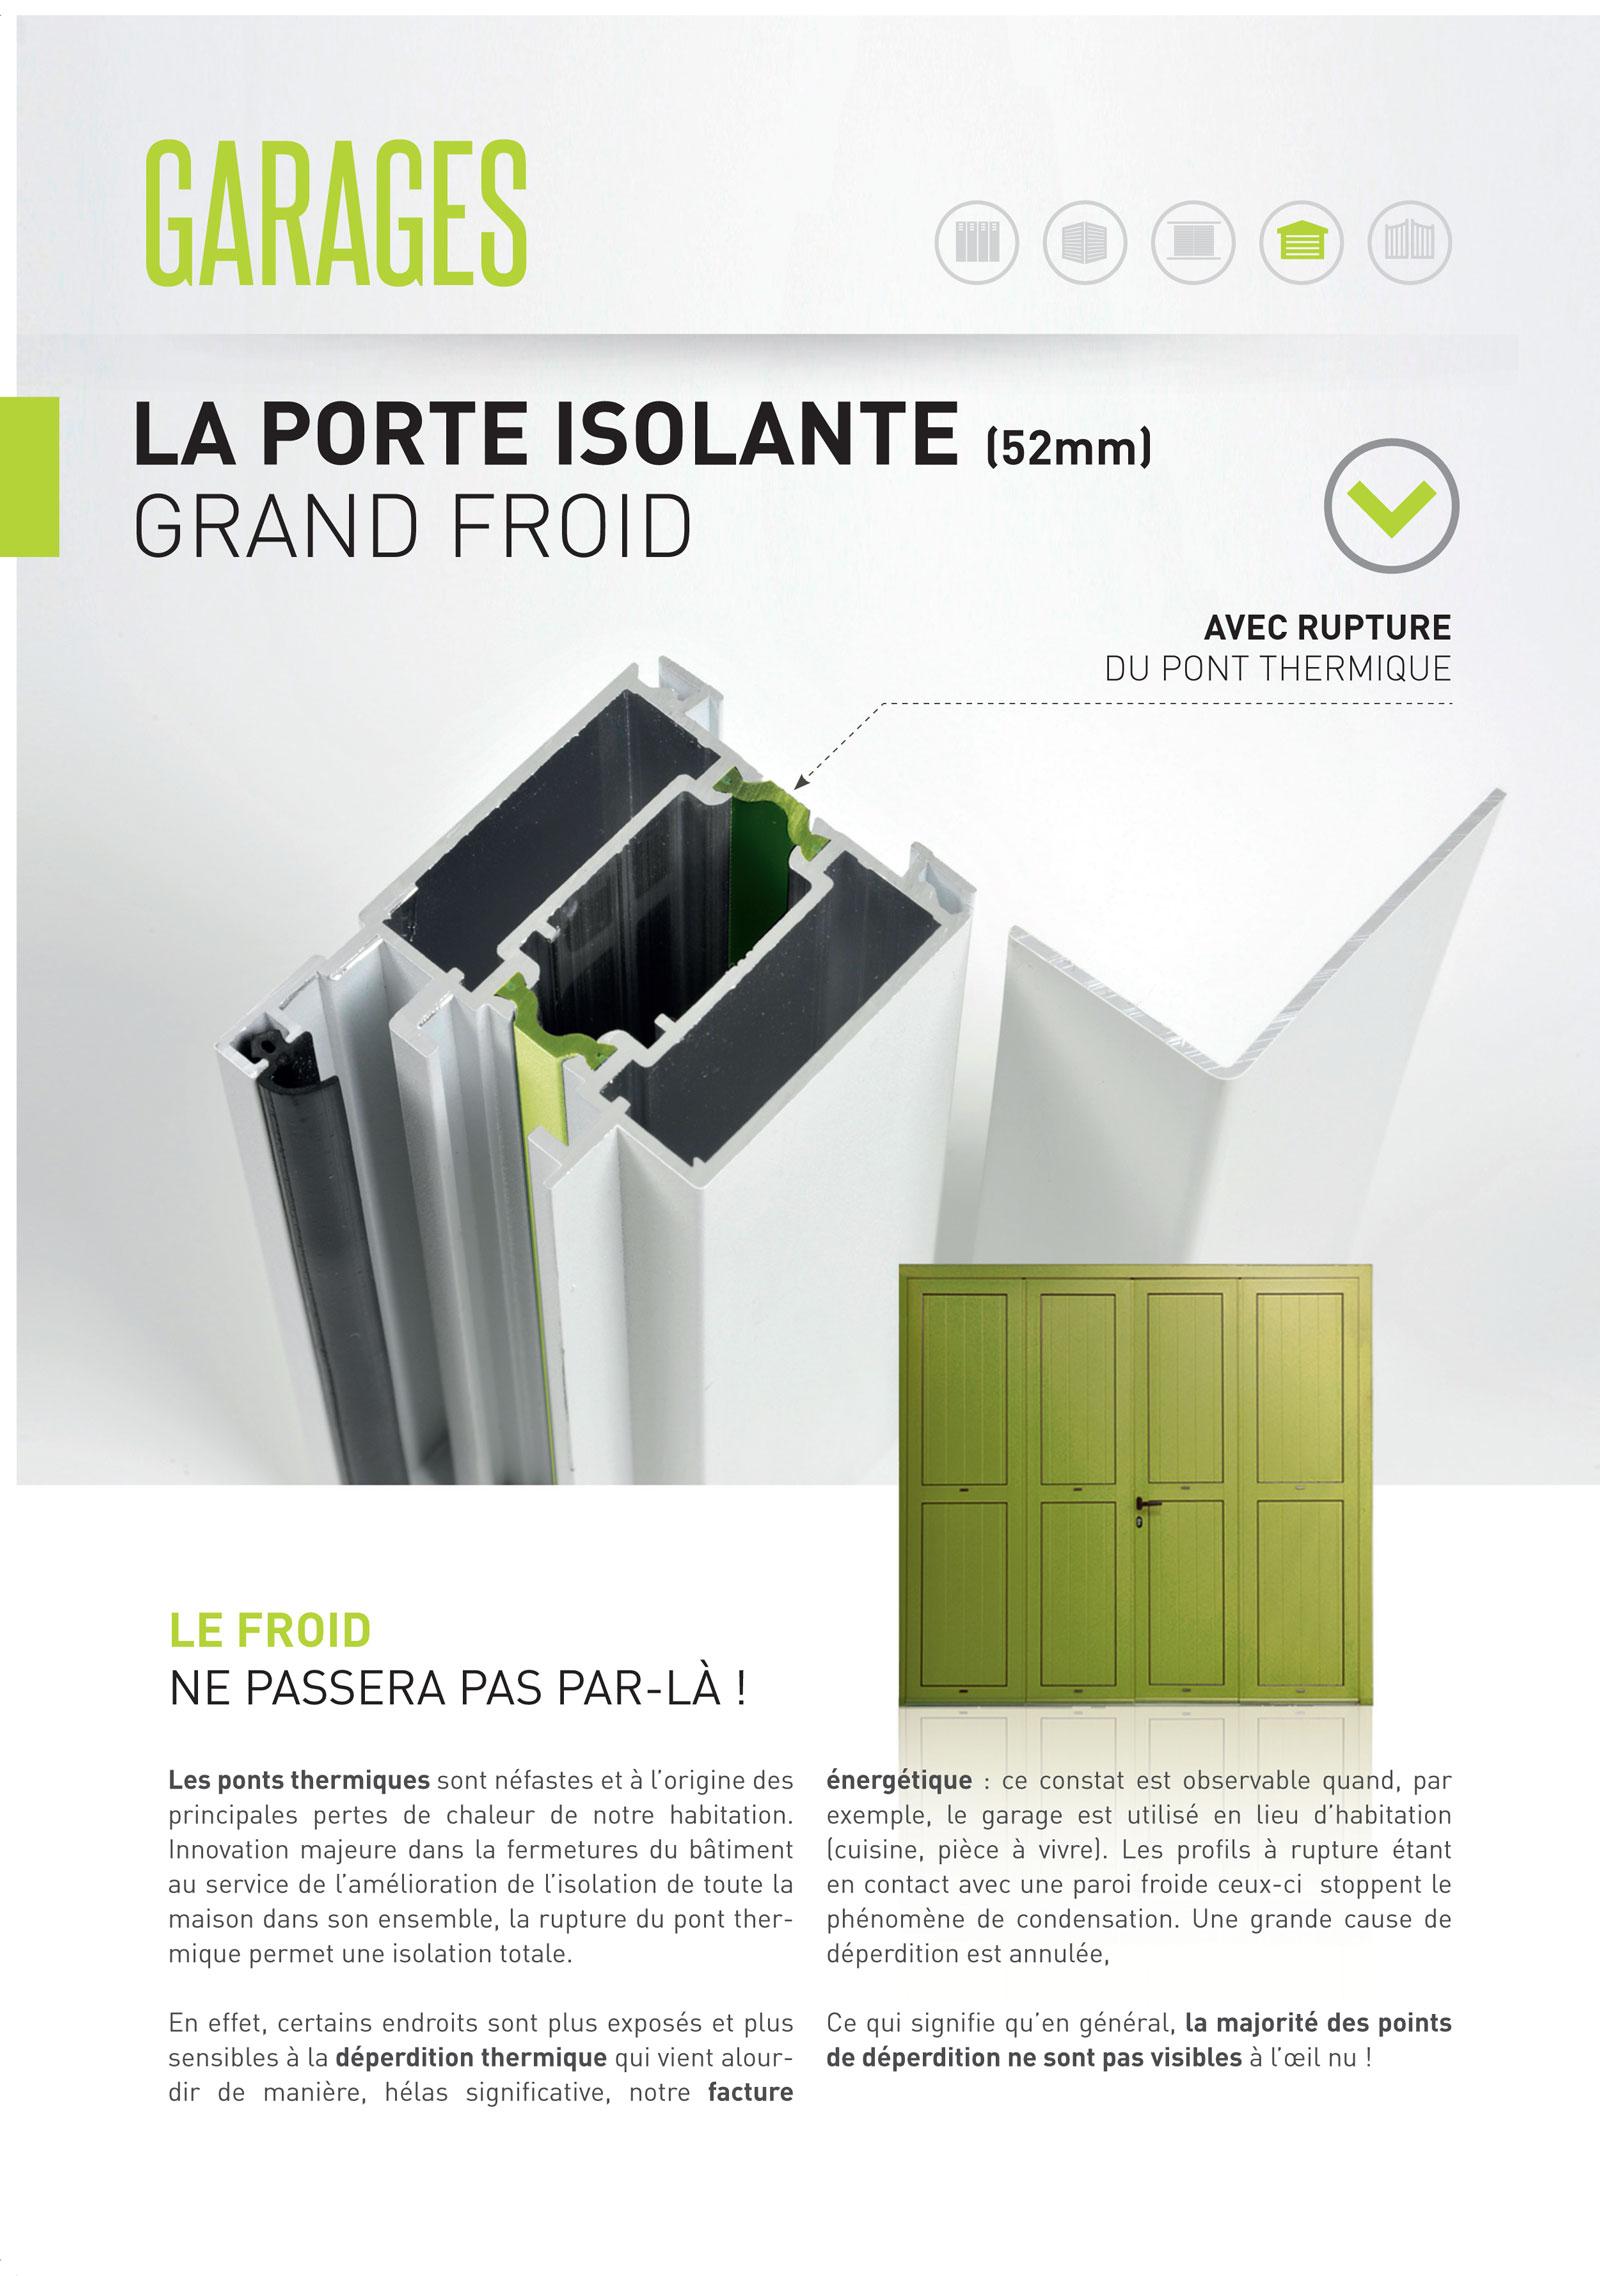 Réalisation Comevents - Corrèze Fermetures - Plaquette Portes de garage - Page intérieure